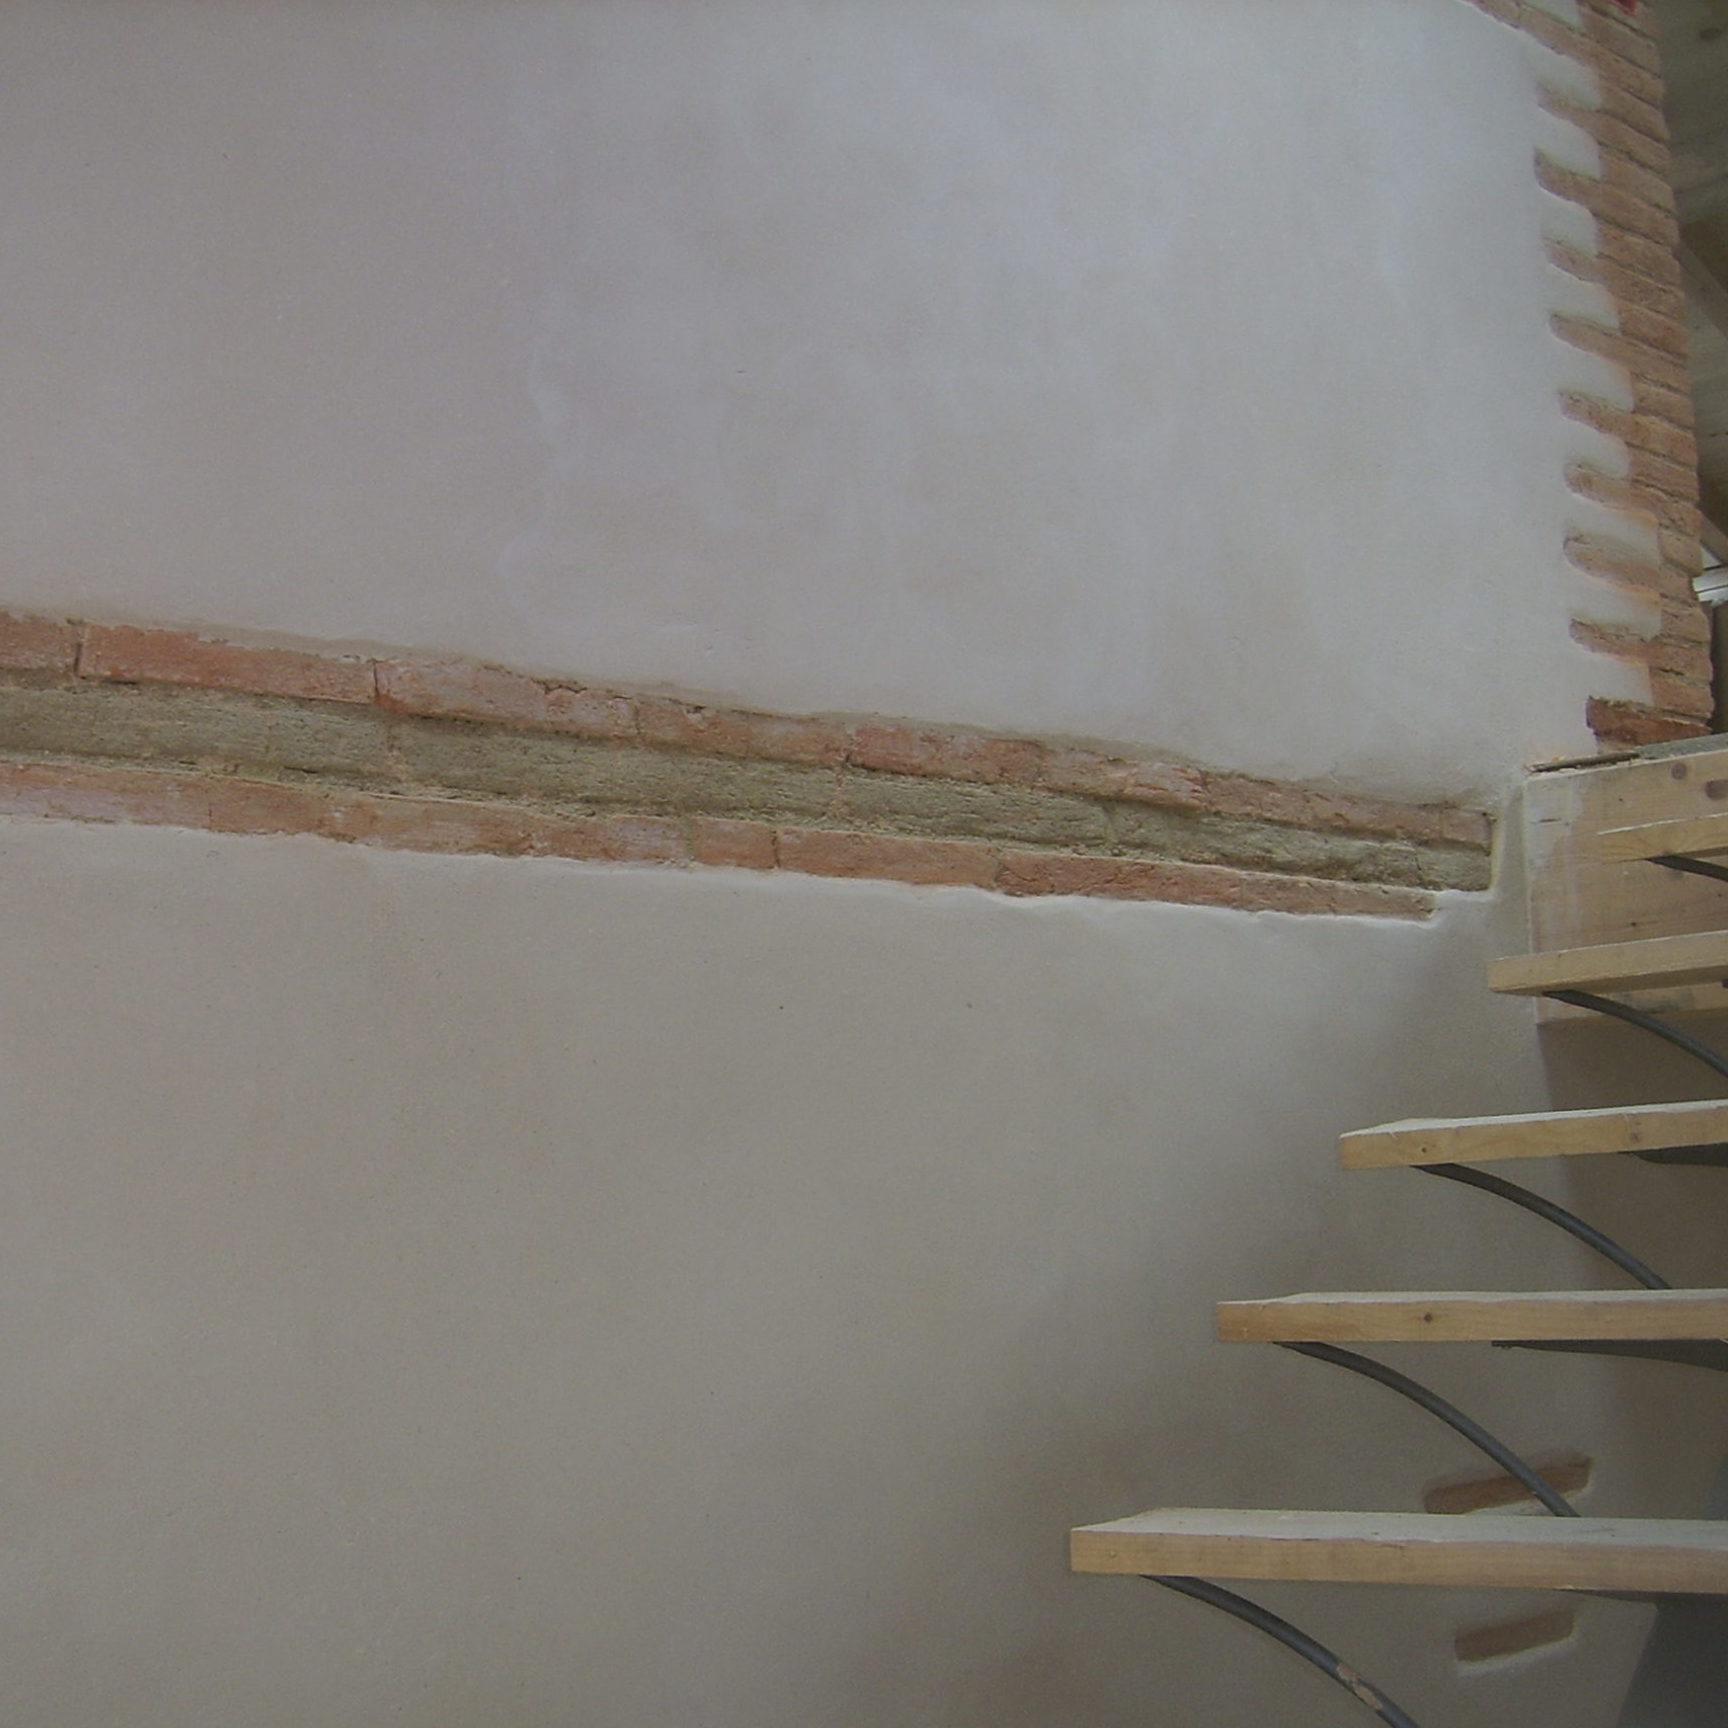 Restauration bâti ancien gers - enduits terre crue et chaux - enduits extérieurs - maçonnerie traditionnelle